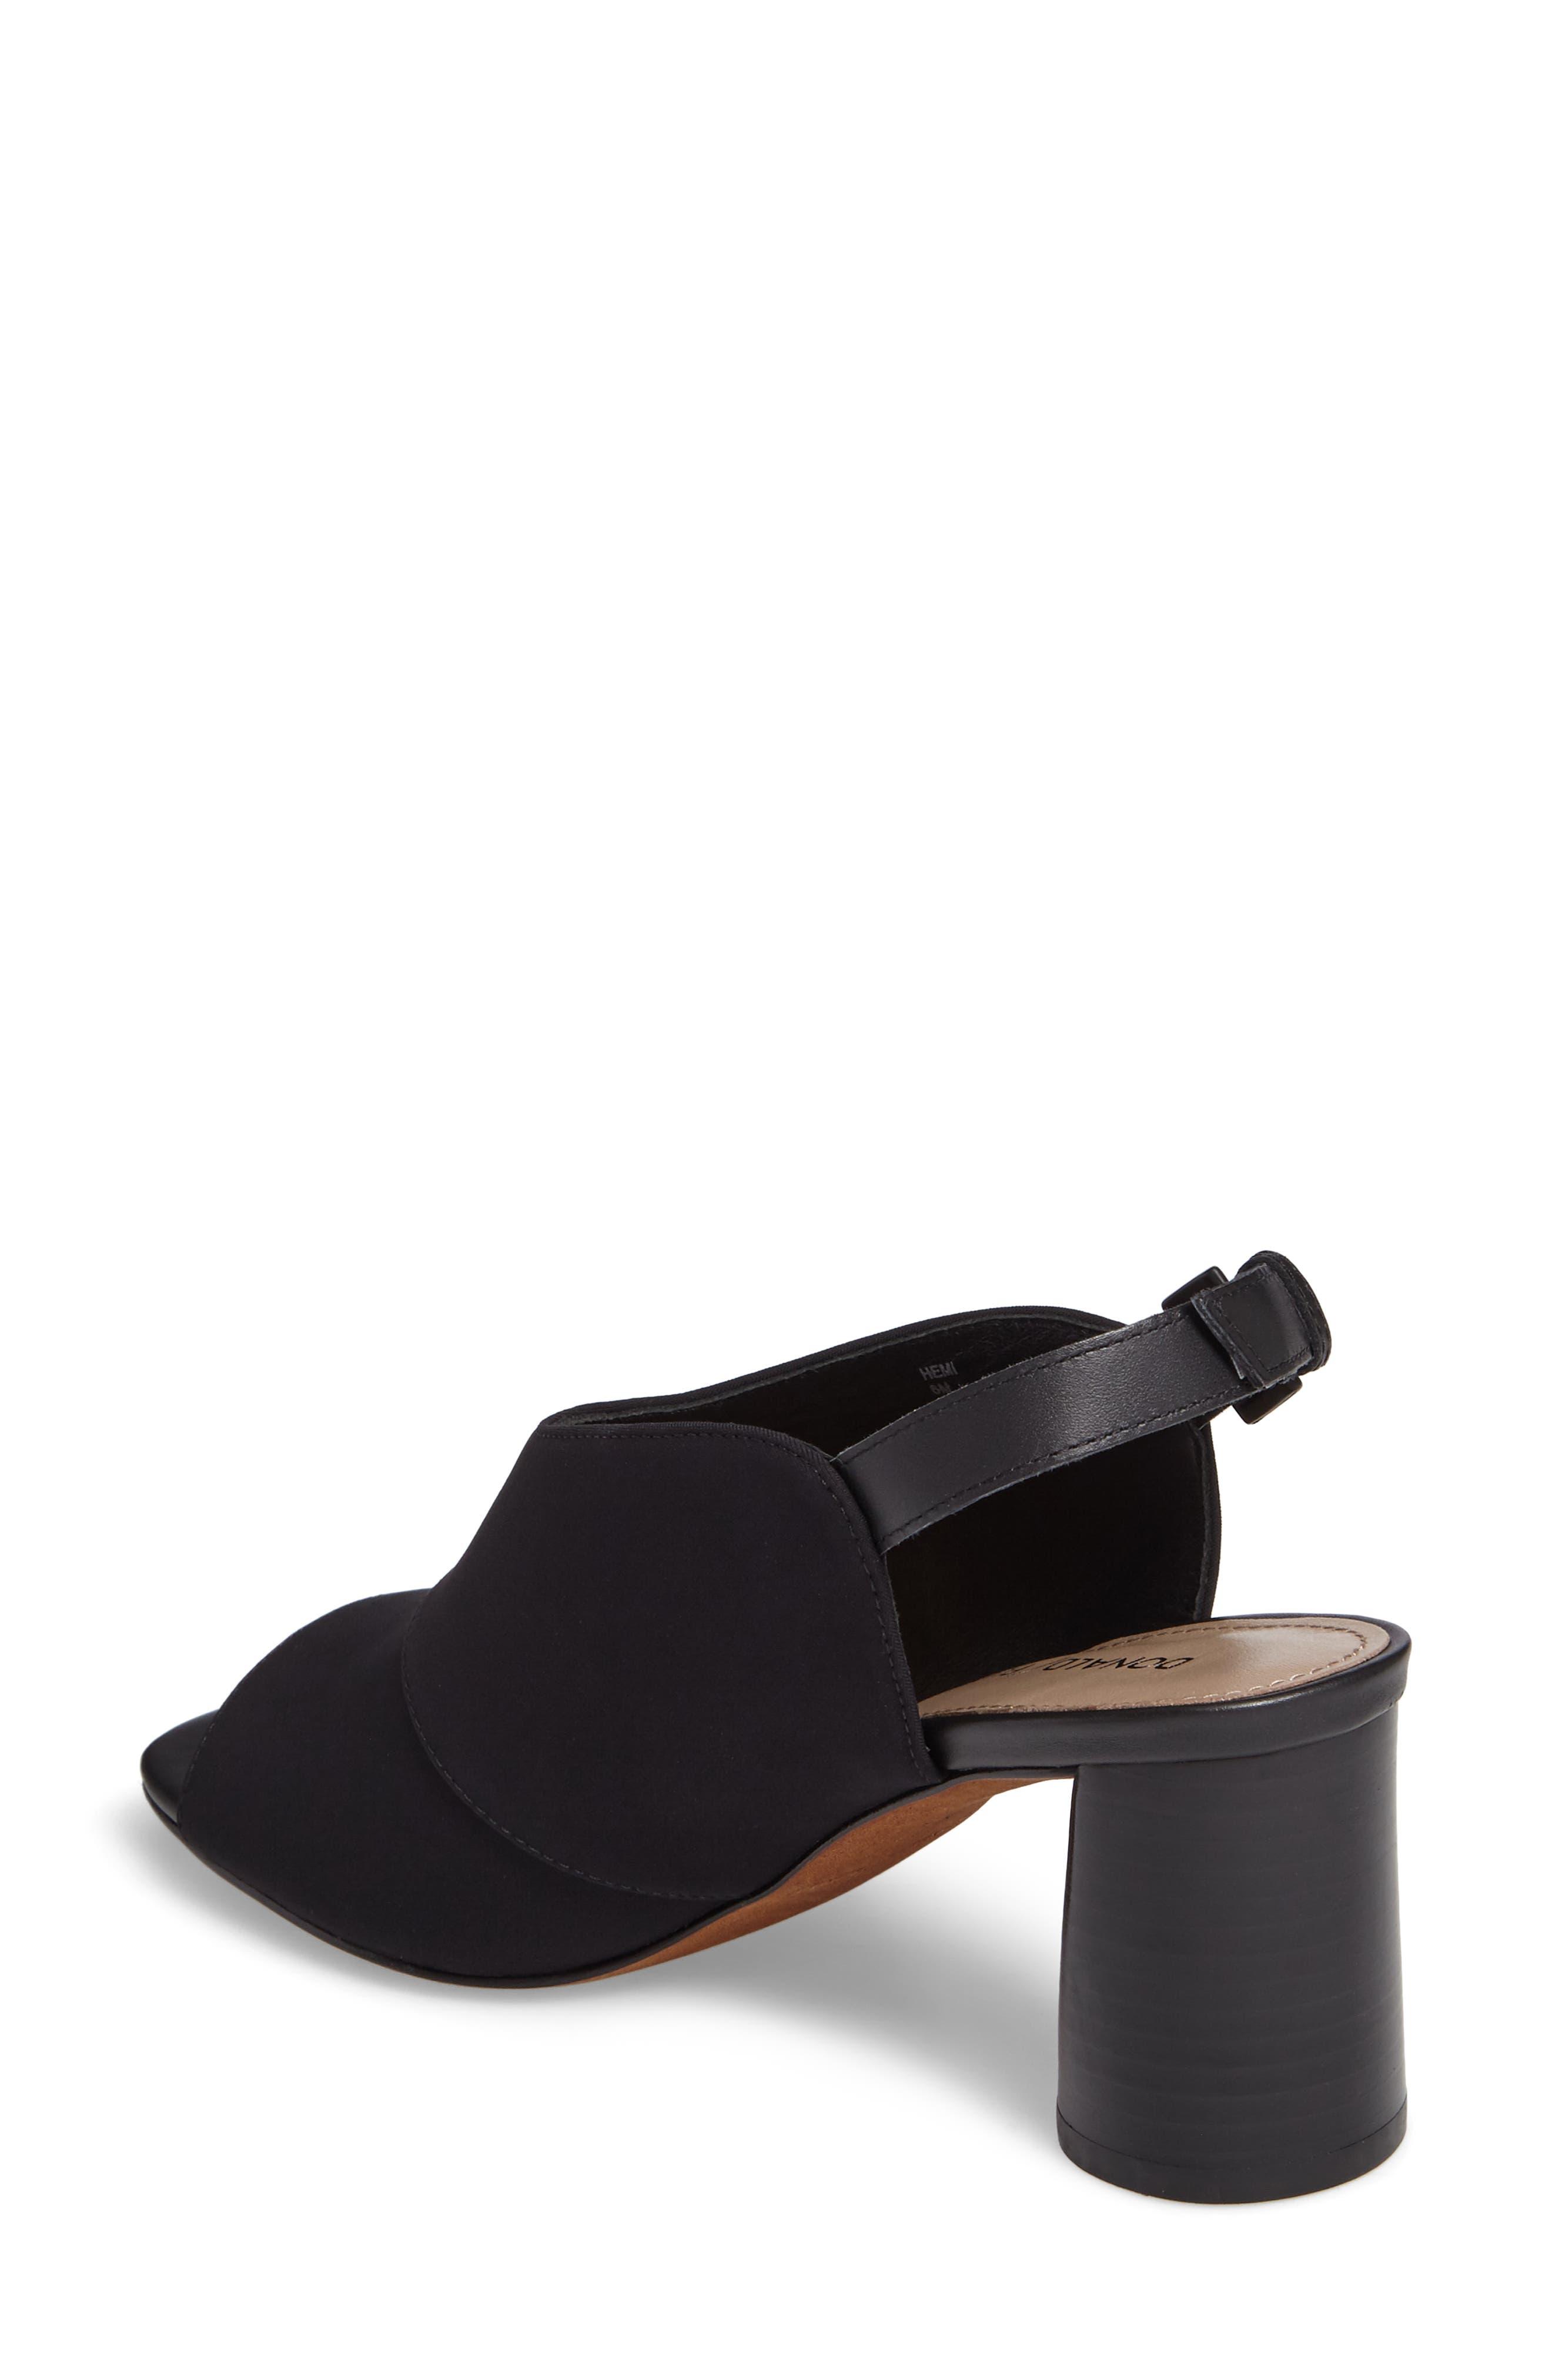 Donald J Pliner Hemi Slingback Sandal,                             Alternate thumbnail 2, color,                             Black Fabric